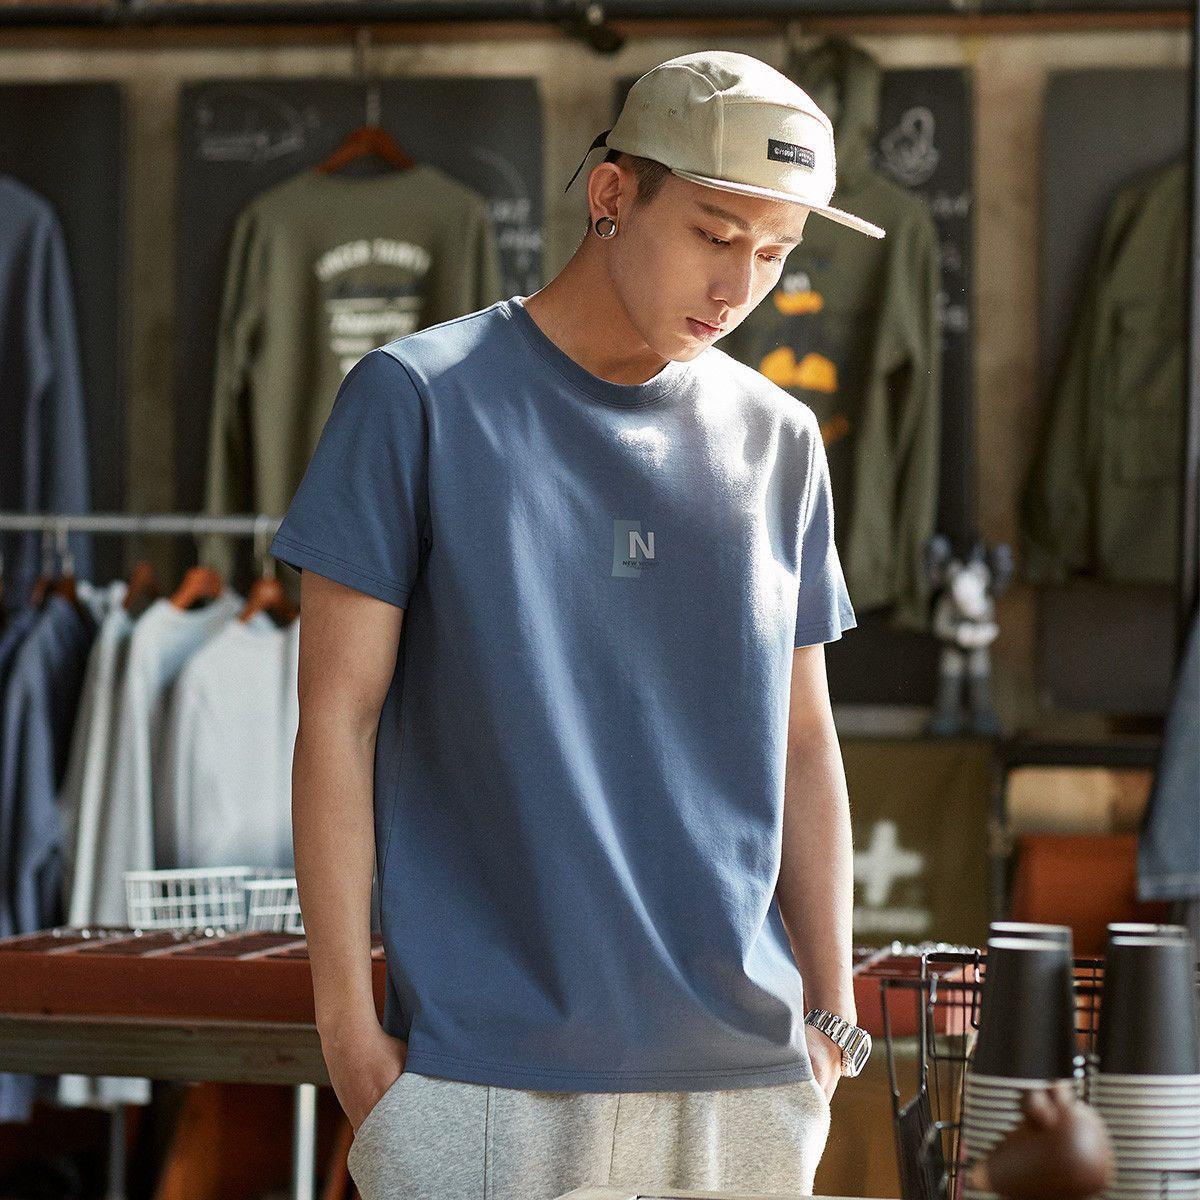 纯棉短袖t恤男士夏季潮流圆领半袖新款韩版宽松百搭体恤男装上衣 71